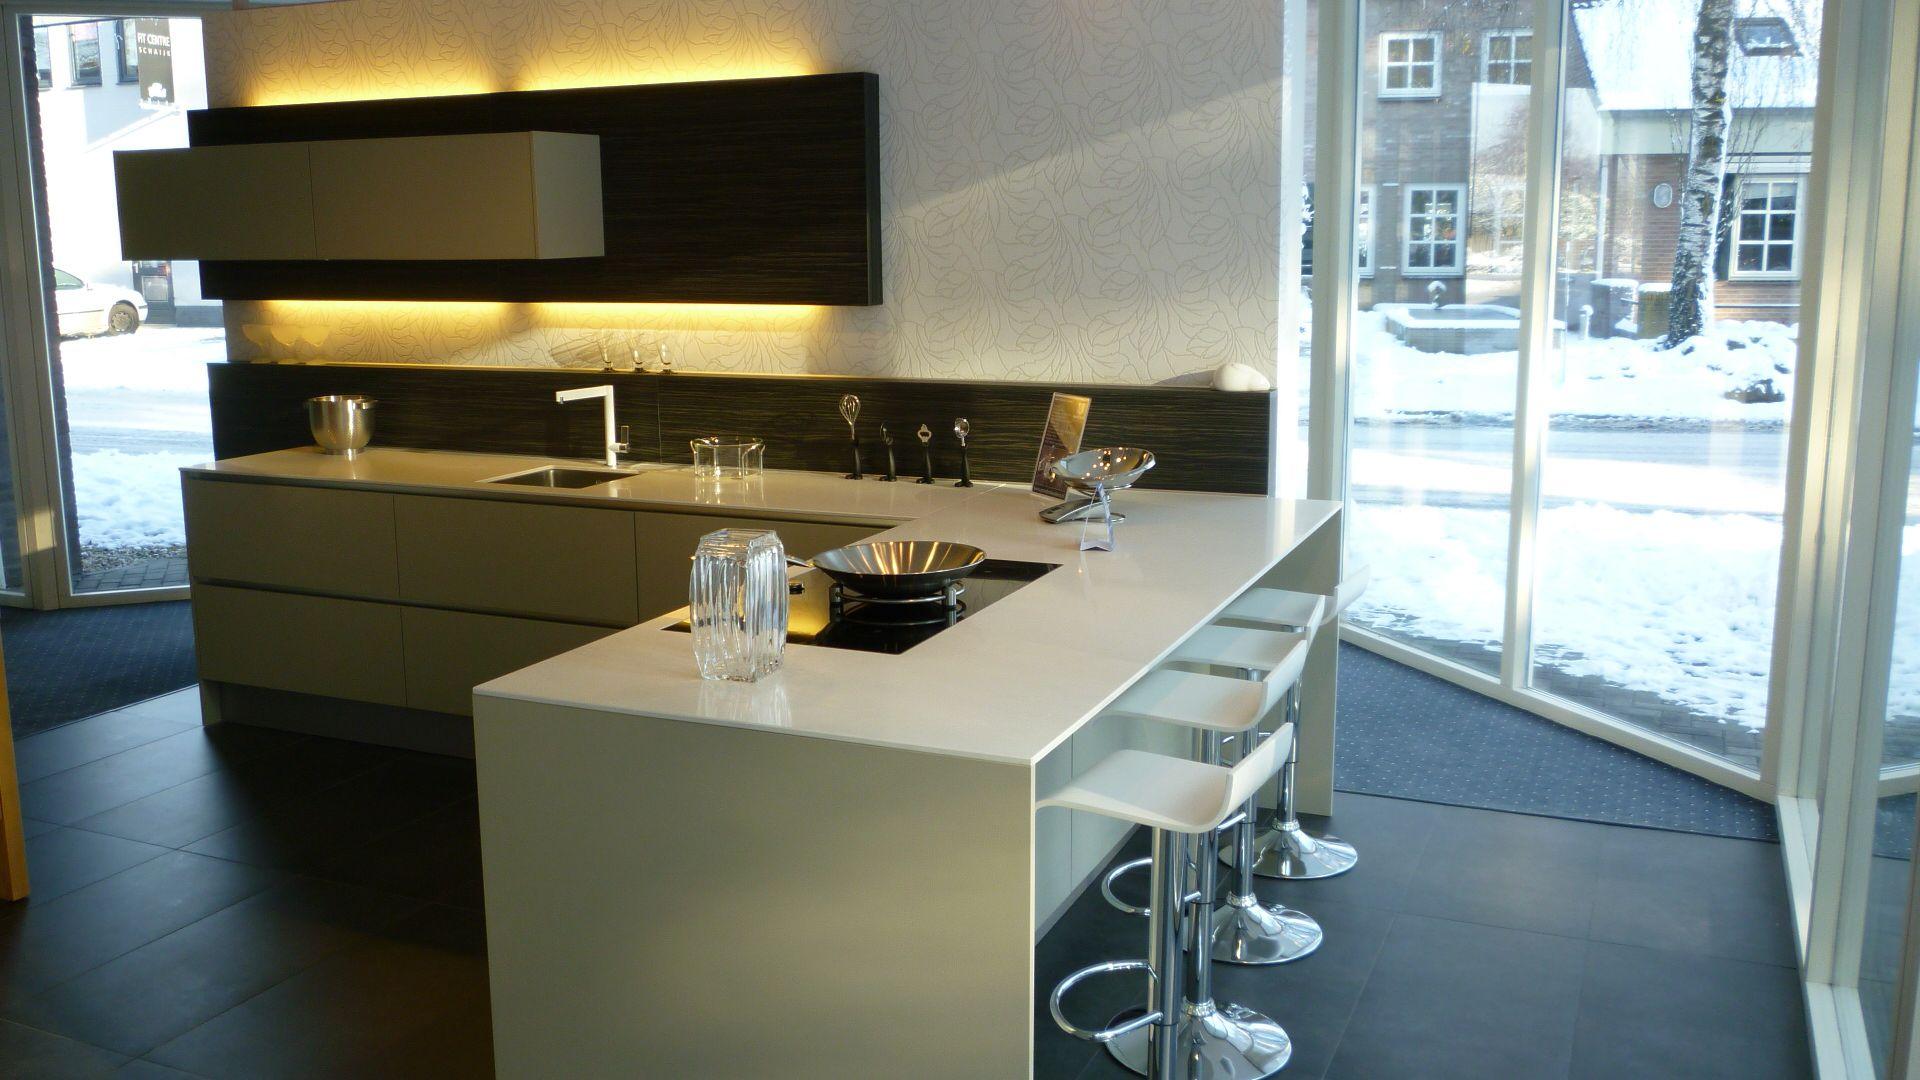 Keuken Schiereiland Afmetingen : keukens voor zeer lage keuken prijzen Greeploze kiezelgrijze keuken